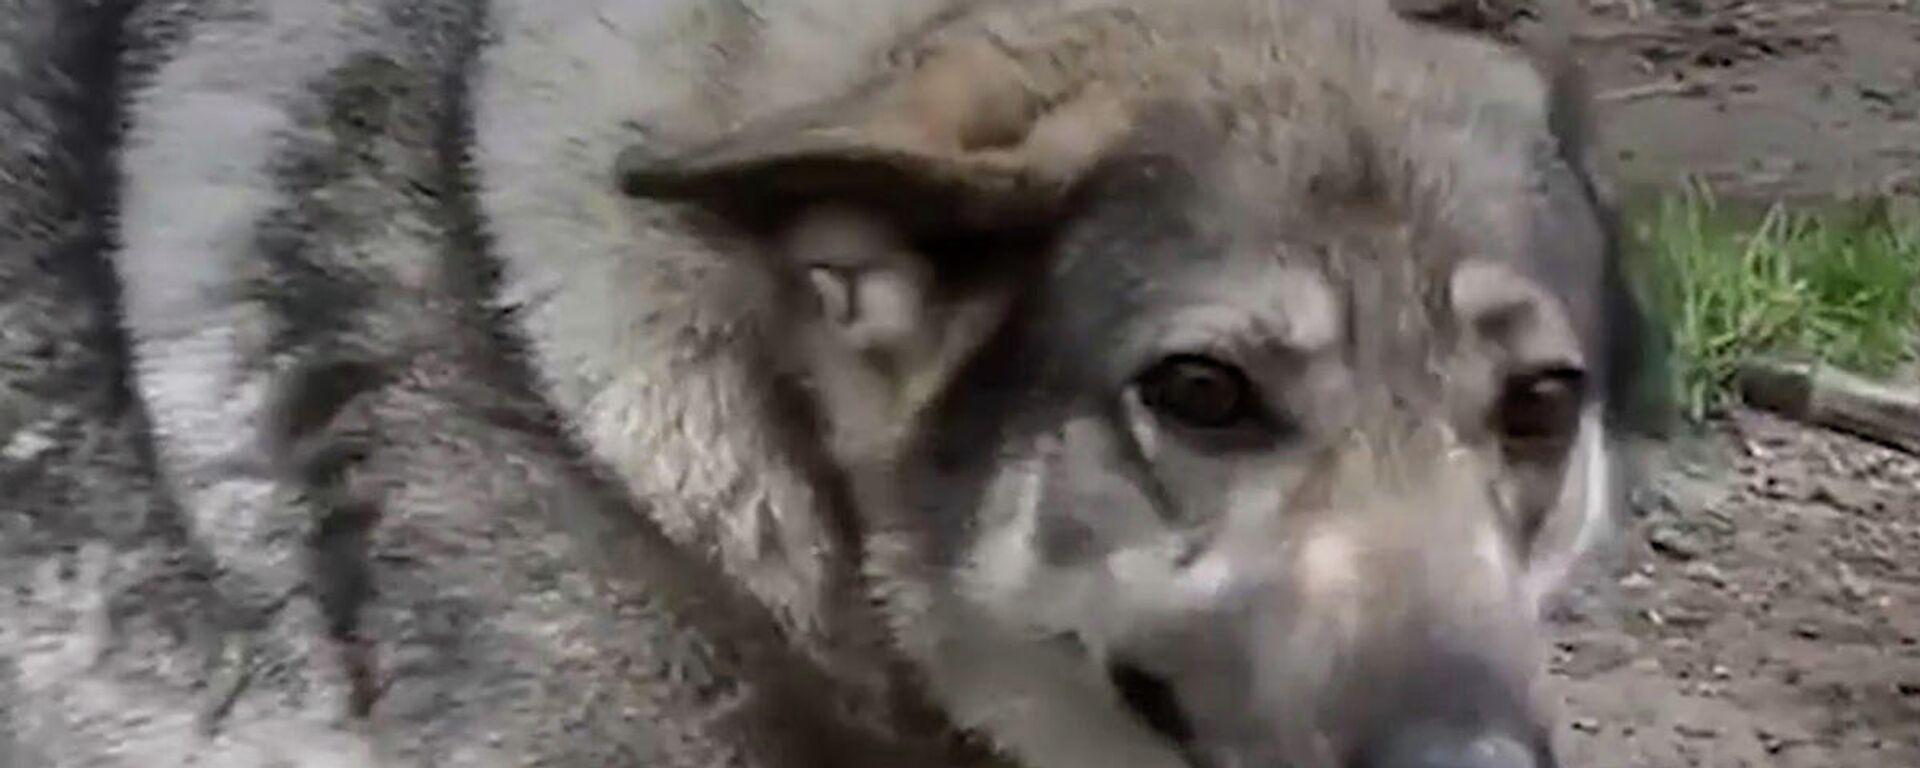 Μία Λαίδη ξαναγεννιέται: Σκυλίτσα που ζούσε αλυσοδεμένη και απομονωμένη βρήκε την ευτυχία  - Sputnik Ελλάδα, 1920, 26.09.2021